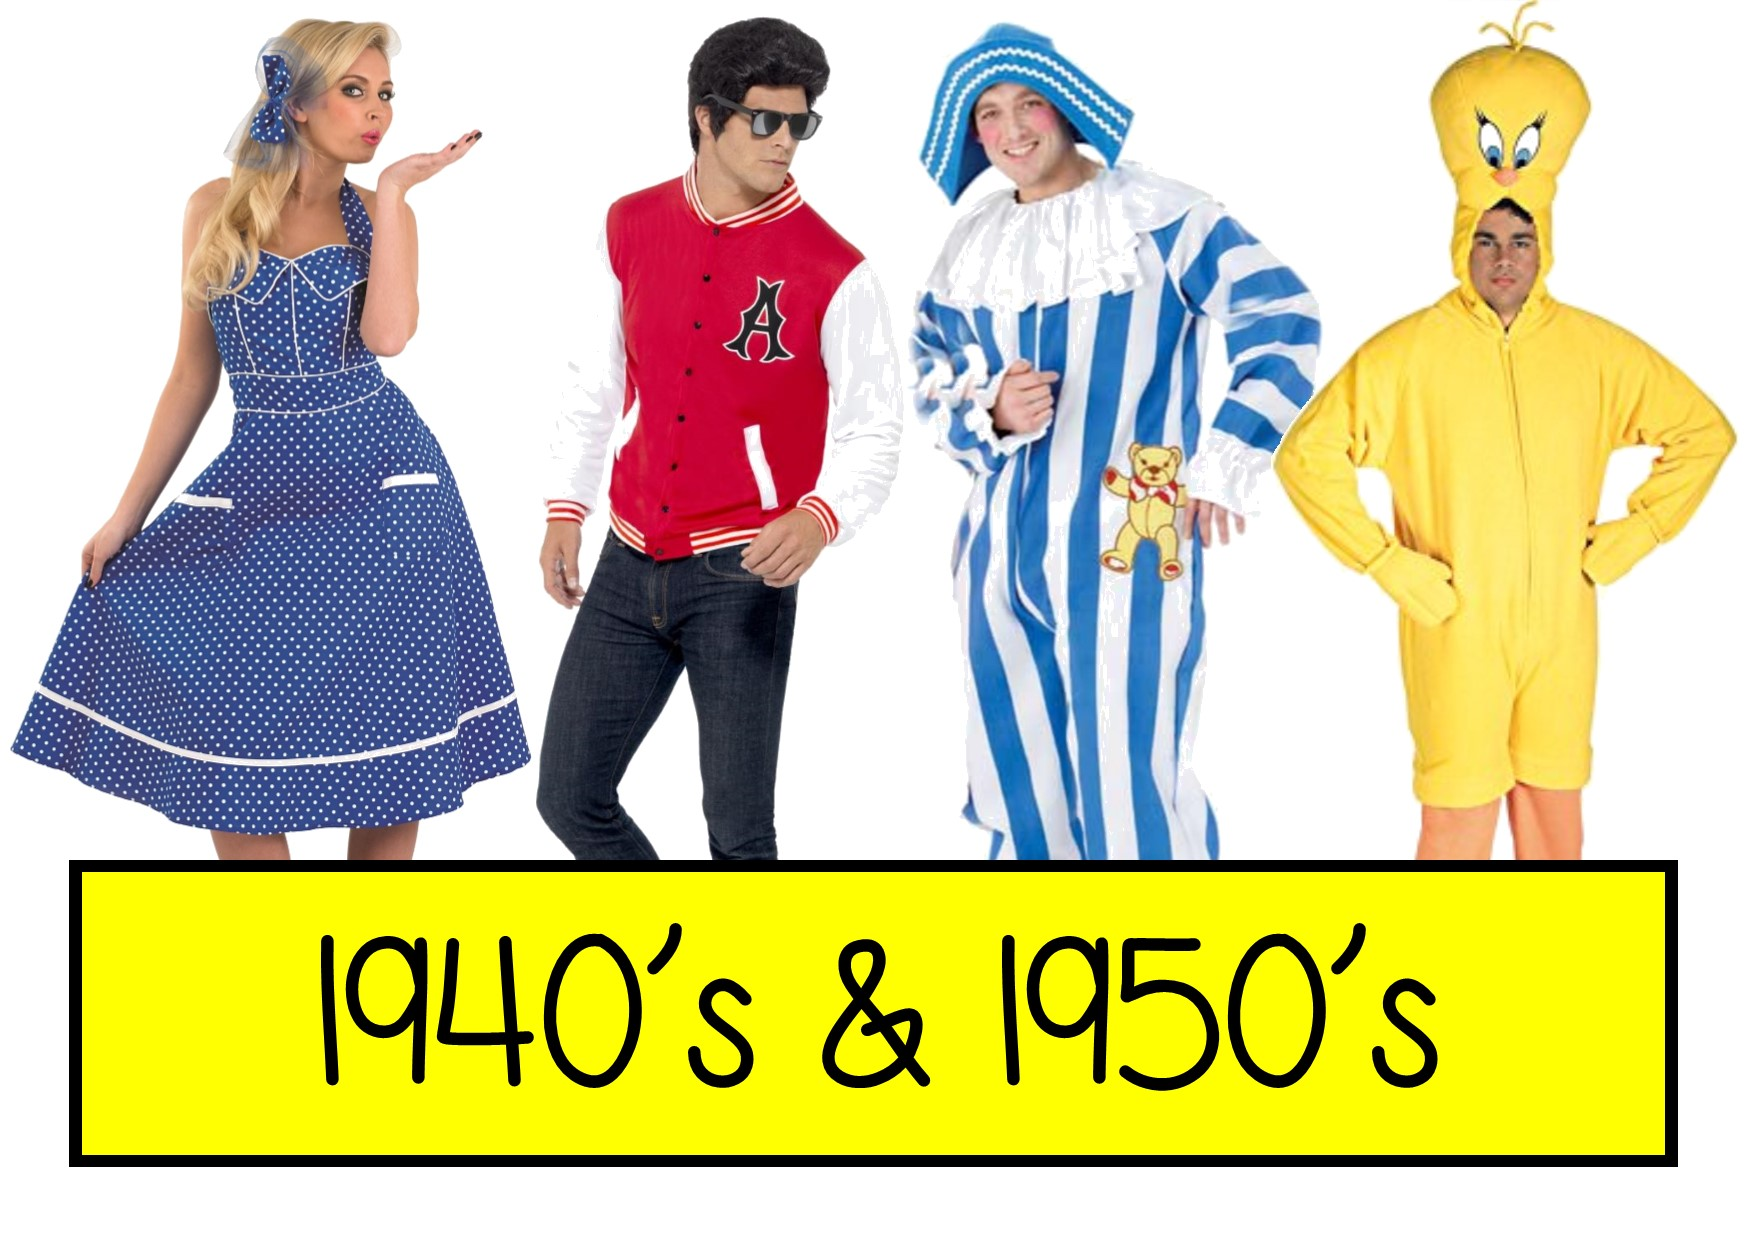 1950s fancy dress ideas